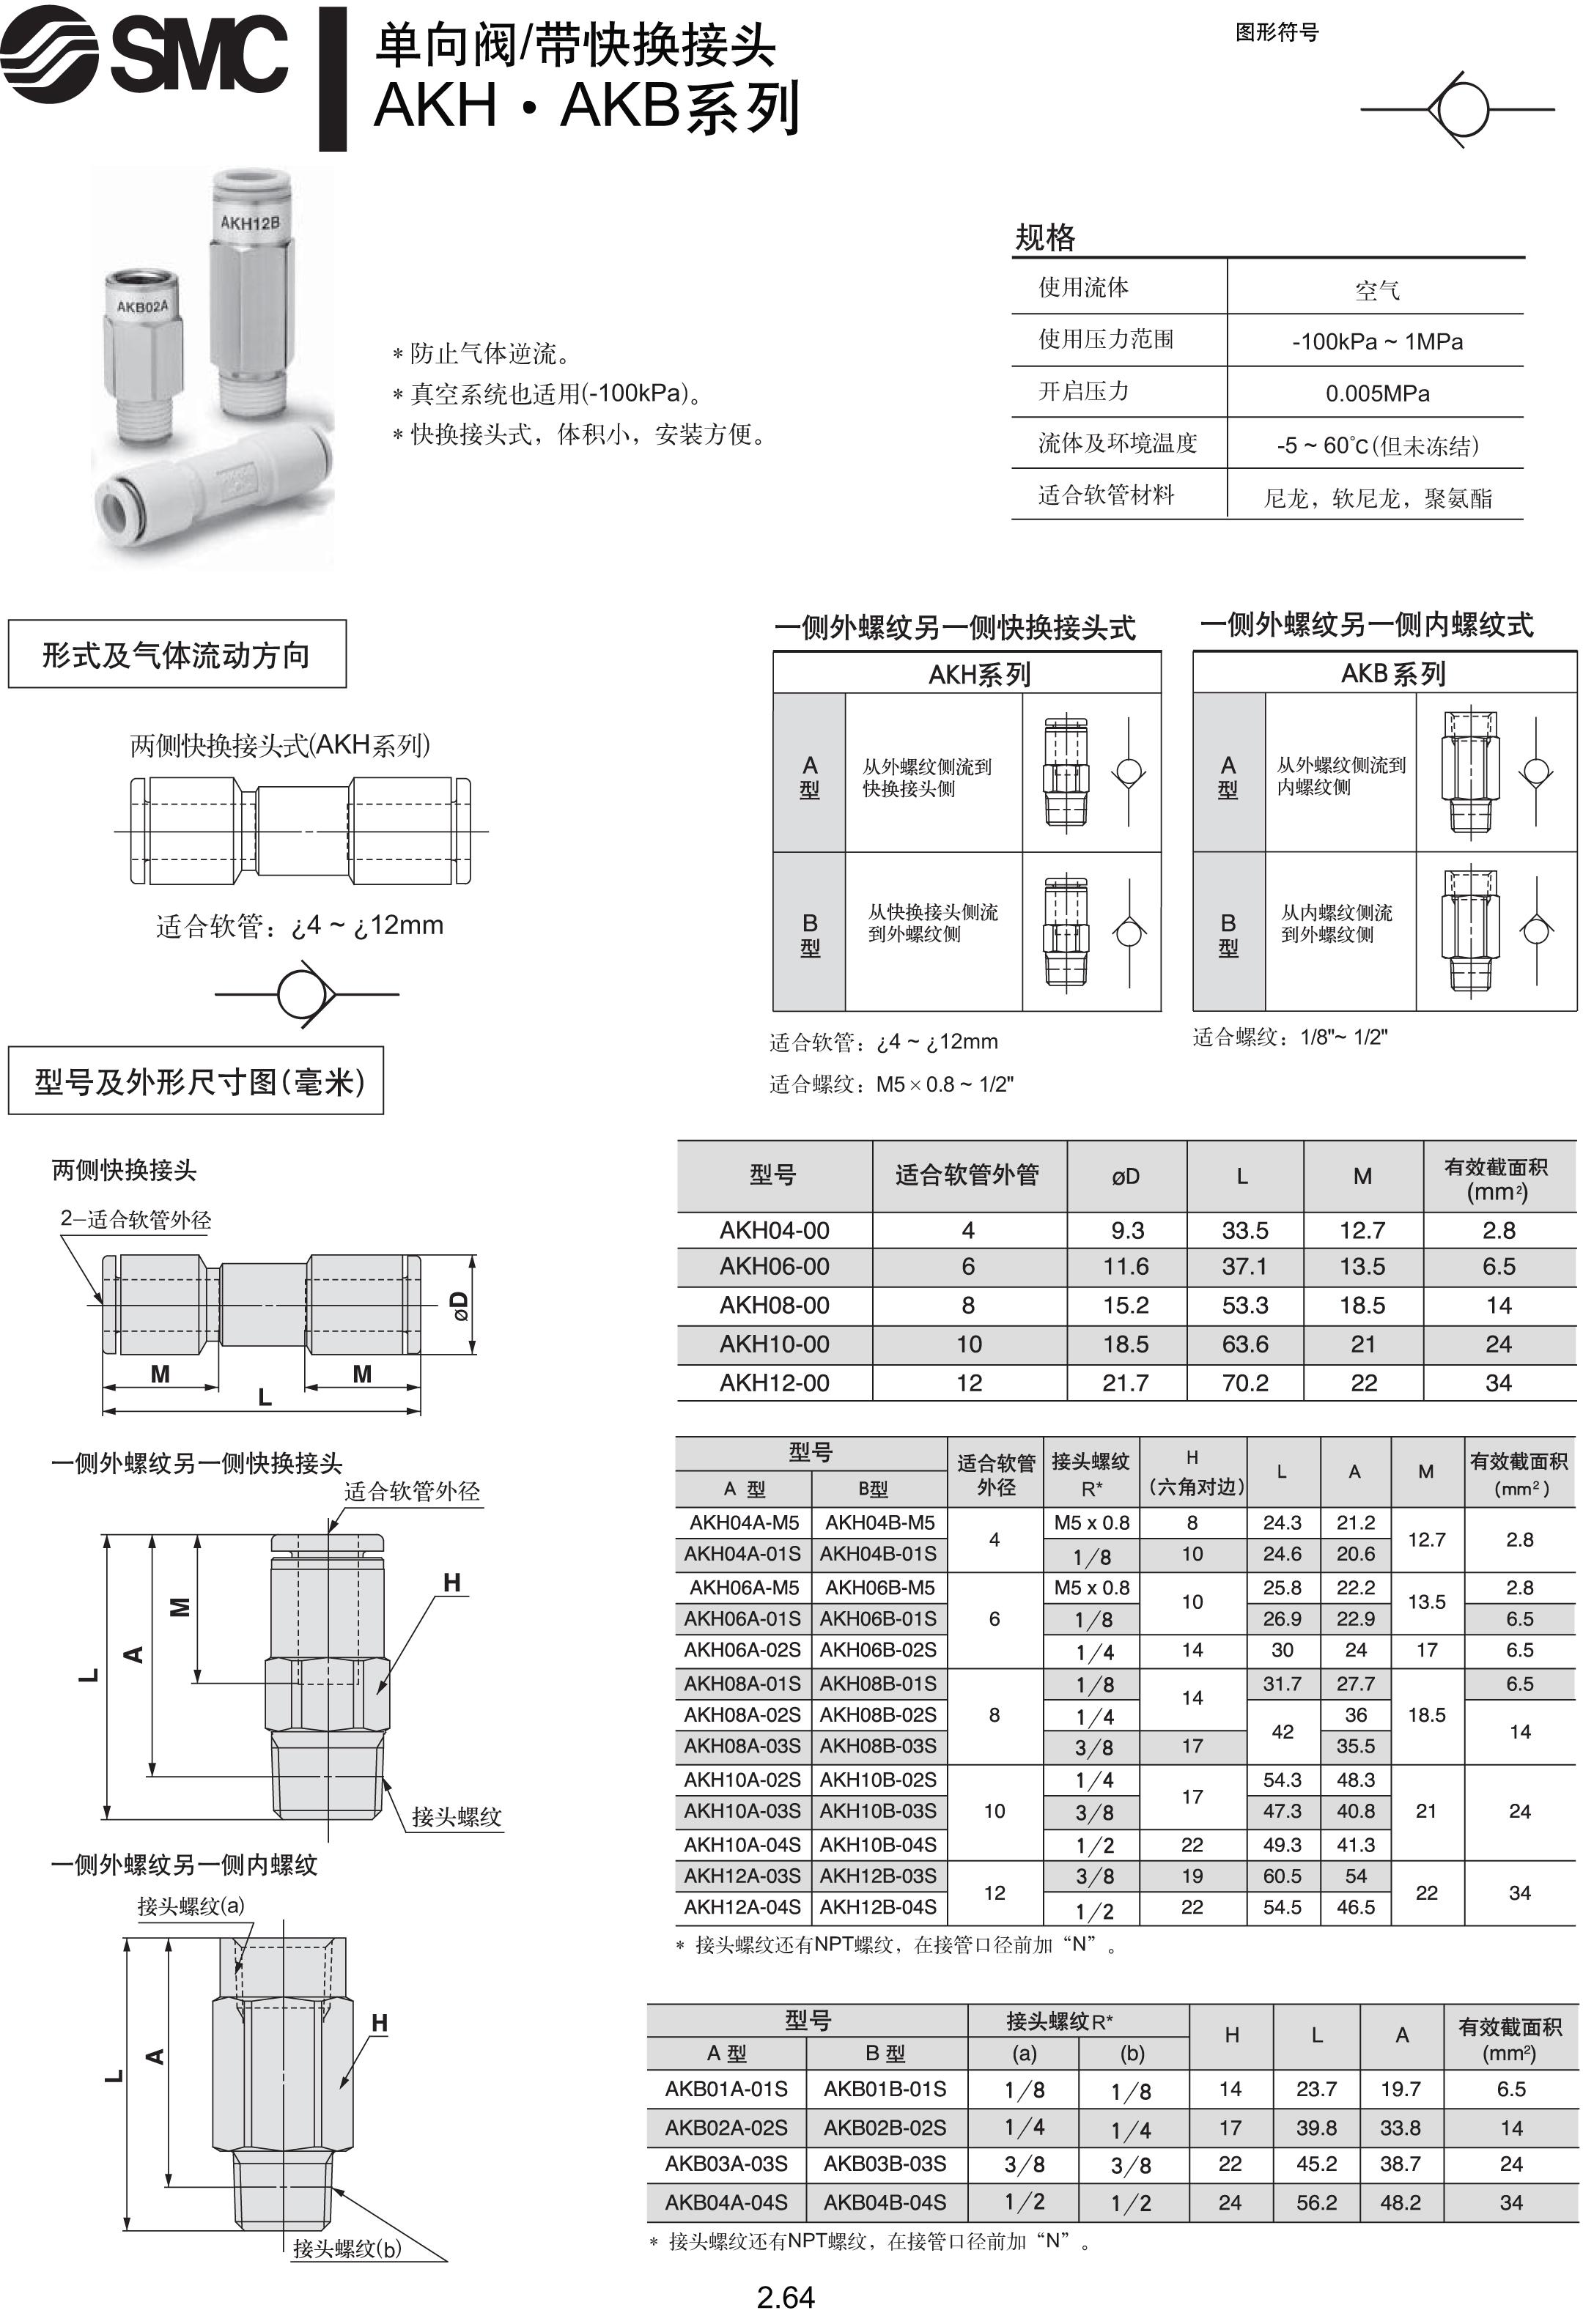 SMC(SMC)一级代理,SMC气动元件一级代理,销售、供应SMC气动元件全系列产品,空气处理元件(冷冻式干燥器IDF、IDU系列、吸附式干燥器ID系列、高分子隔膜式空气干燥器IDG系列、主路过滤器AFF系列、水分分离器AMG系列、油雾分离器AM系列、微雾分离器AMD系列、超微油雾分离器AME系列、除臭过滤器AME系列、清洁空气过滤器SF系列。)、方向控制阀(电磁阀2、3、4、5通;气控阀2、3、5通;多种流体适用阀;手动阀3、4通;机械阀3、5通;增压阀;集尘器2通阀;喷涂用阀)、执行元件(微型气缸、针